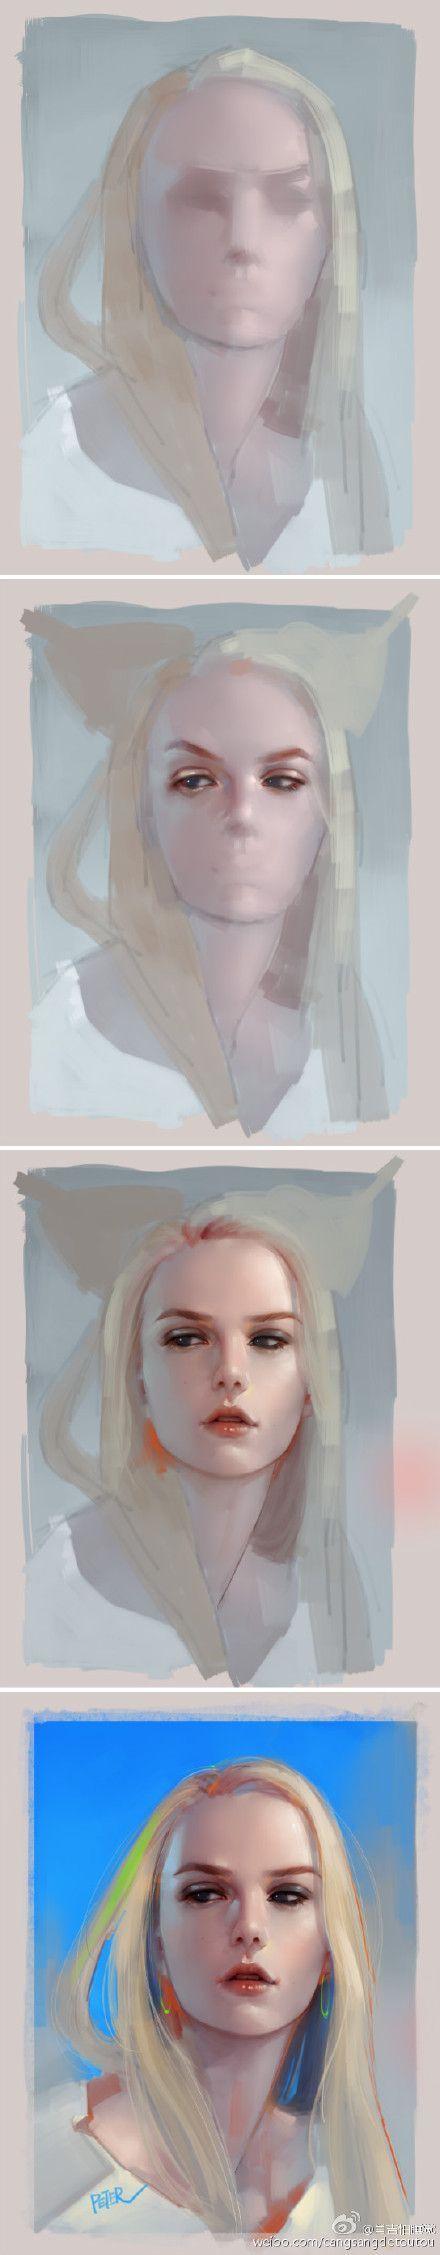 digital art step by step tutorial